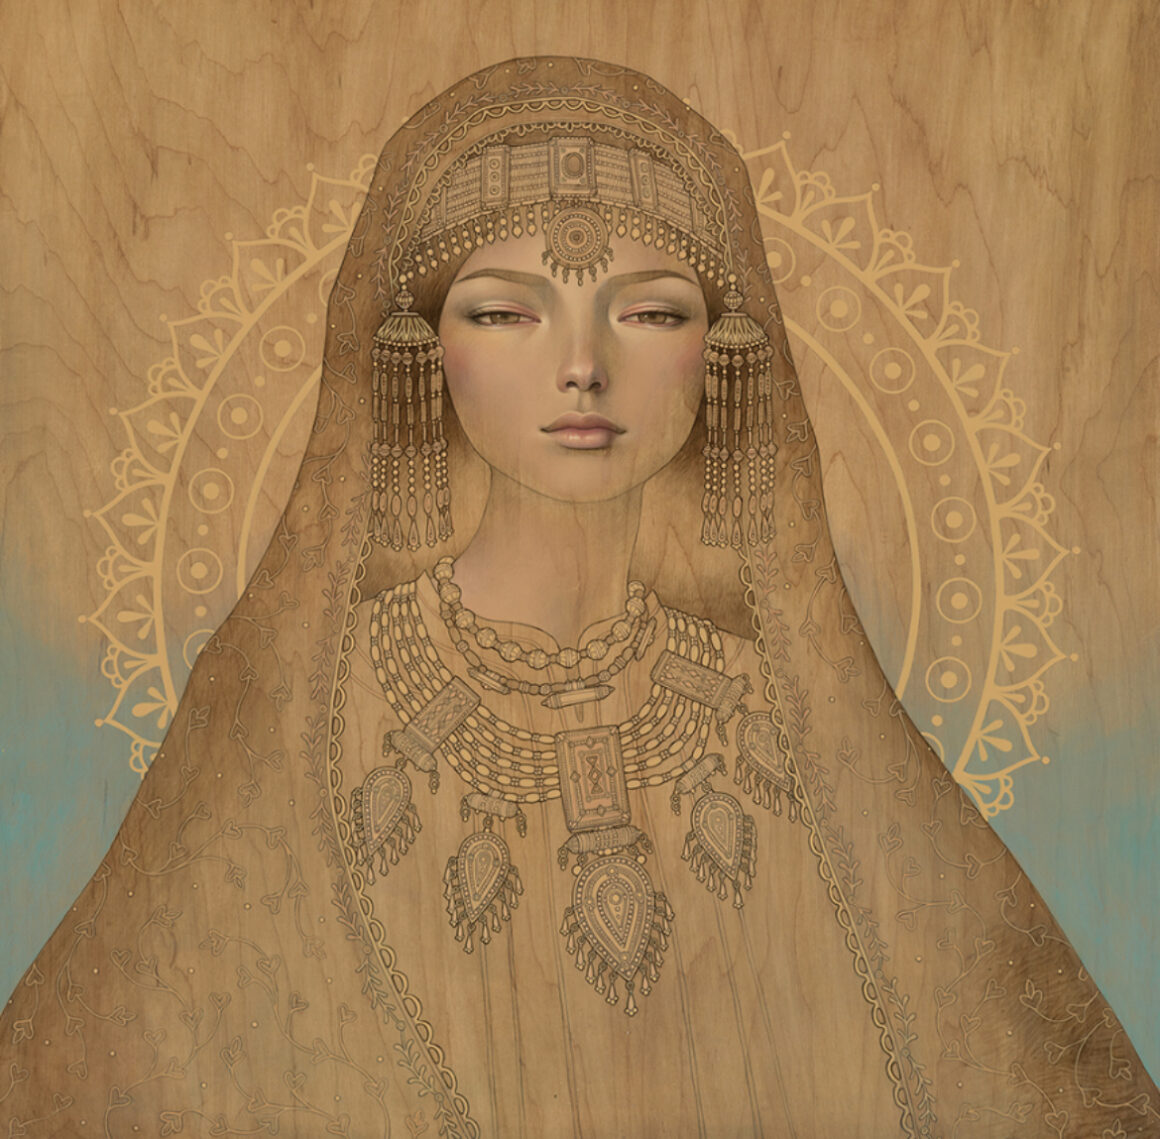 Audrey Kawasaki, Yacenia